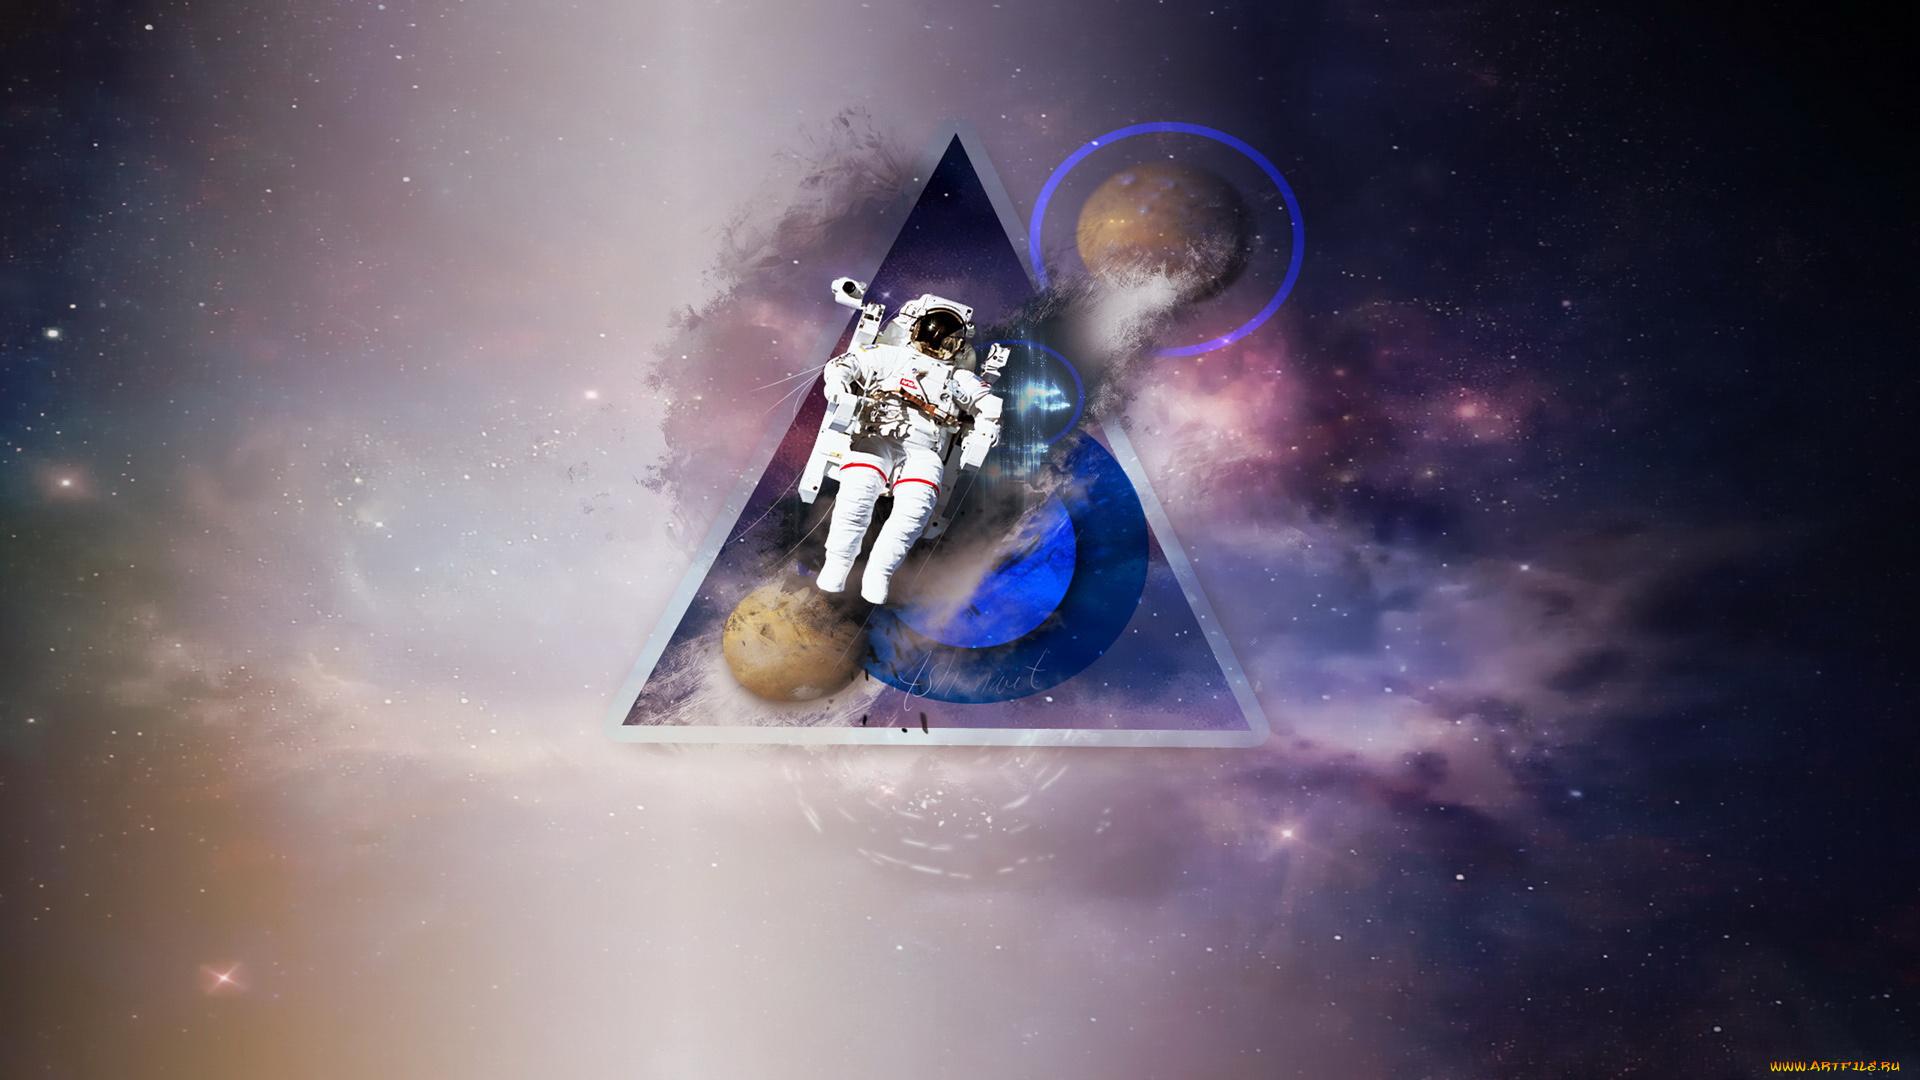 космос трава космонавт space grass astronaut  № 3317191 загрузить